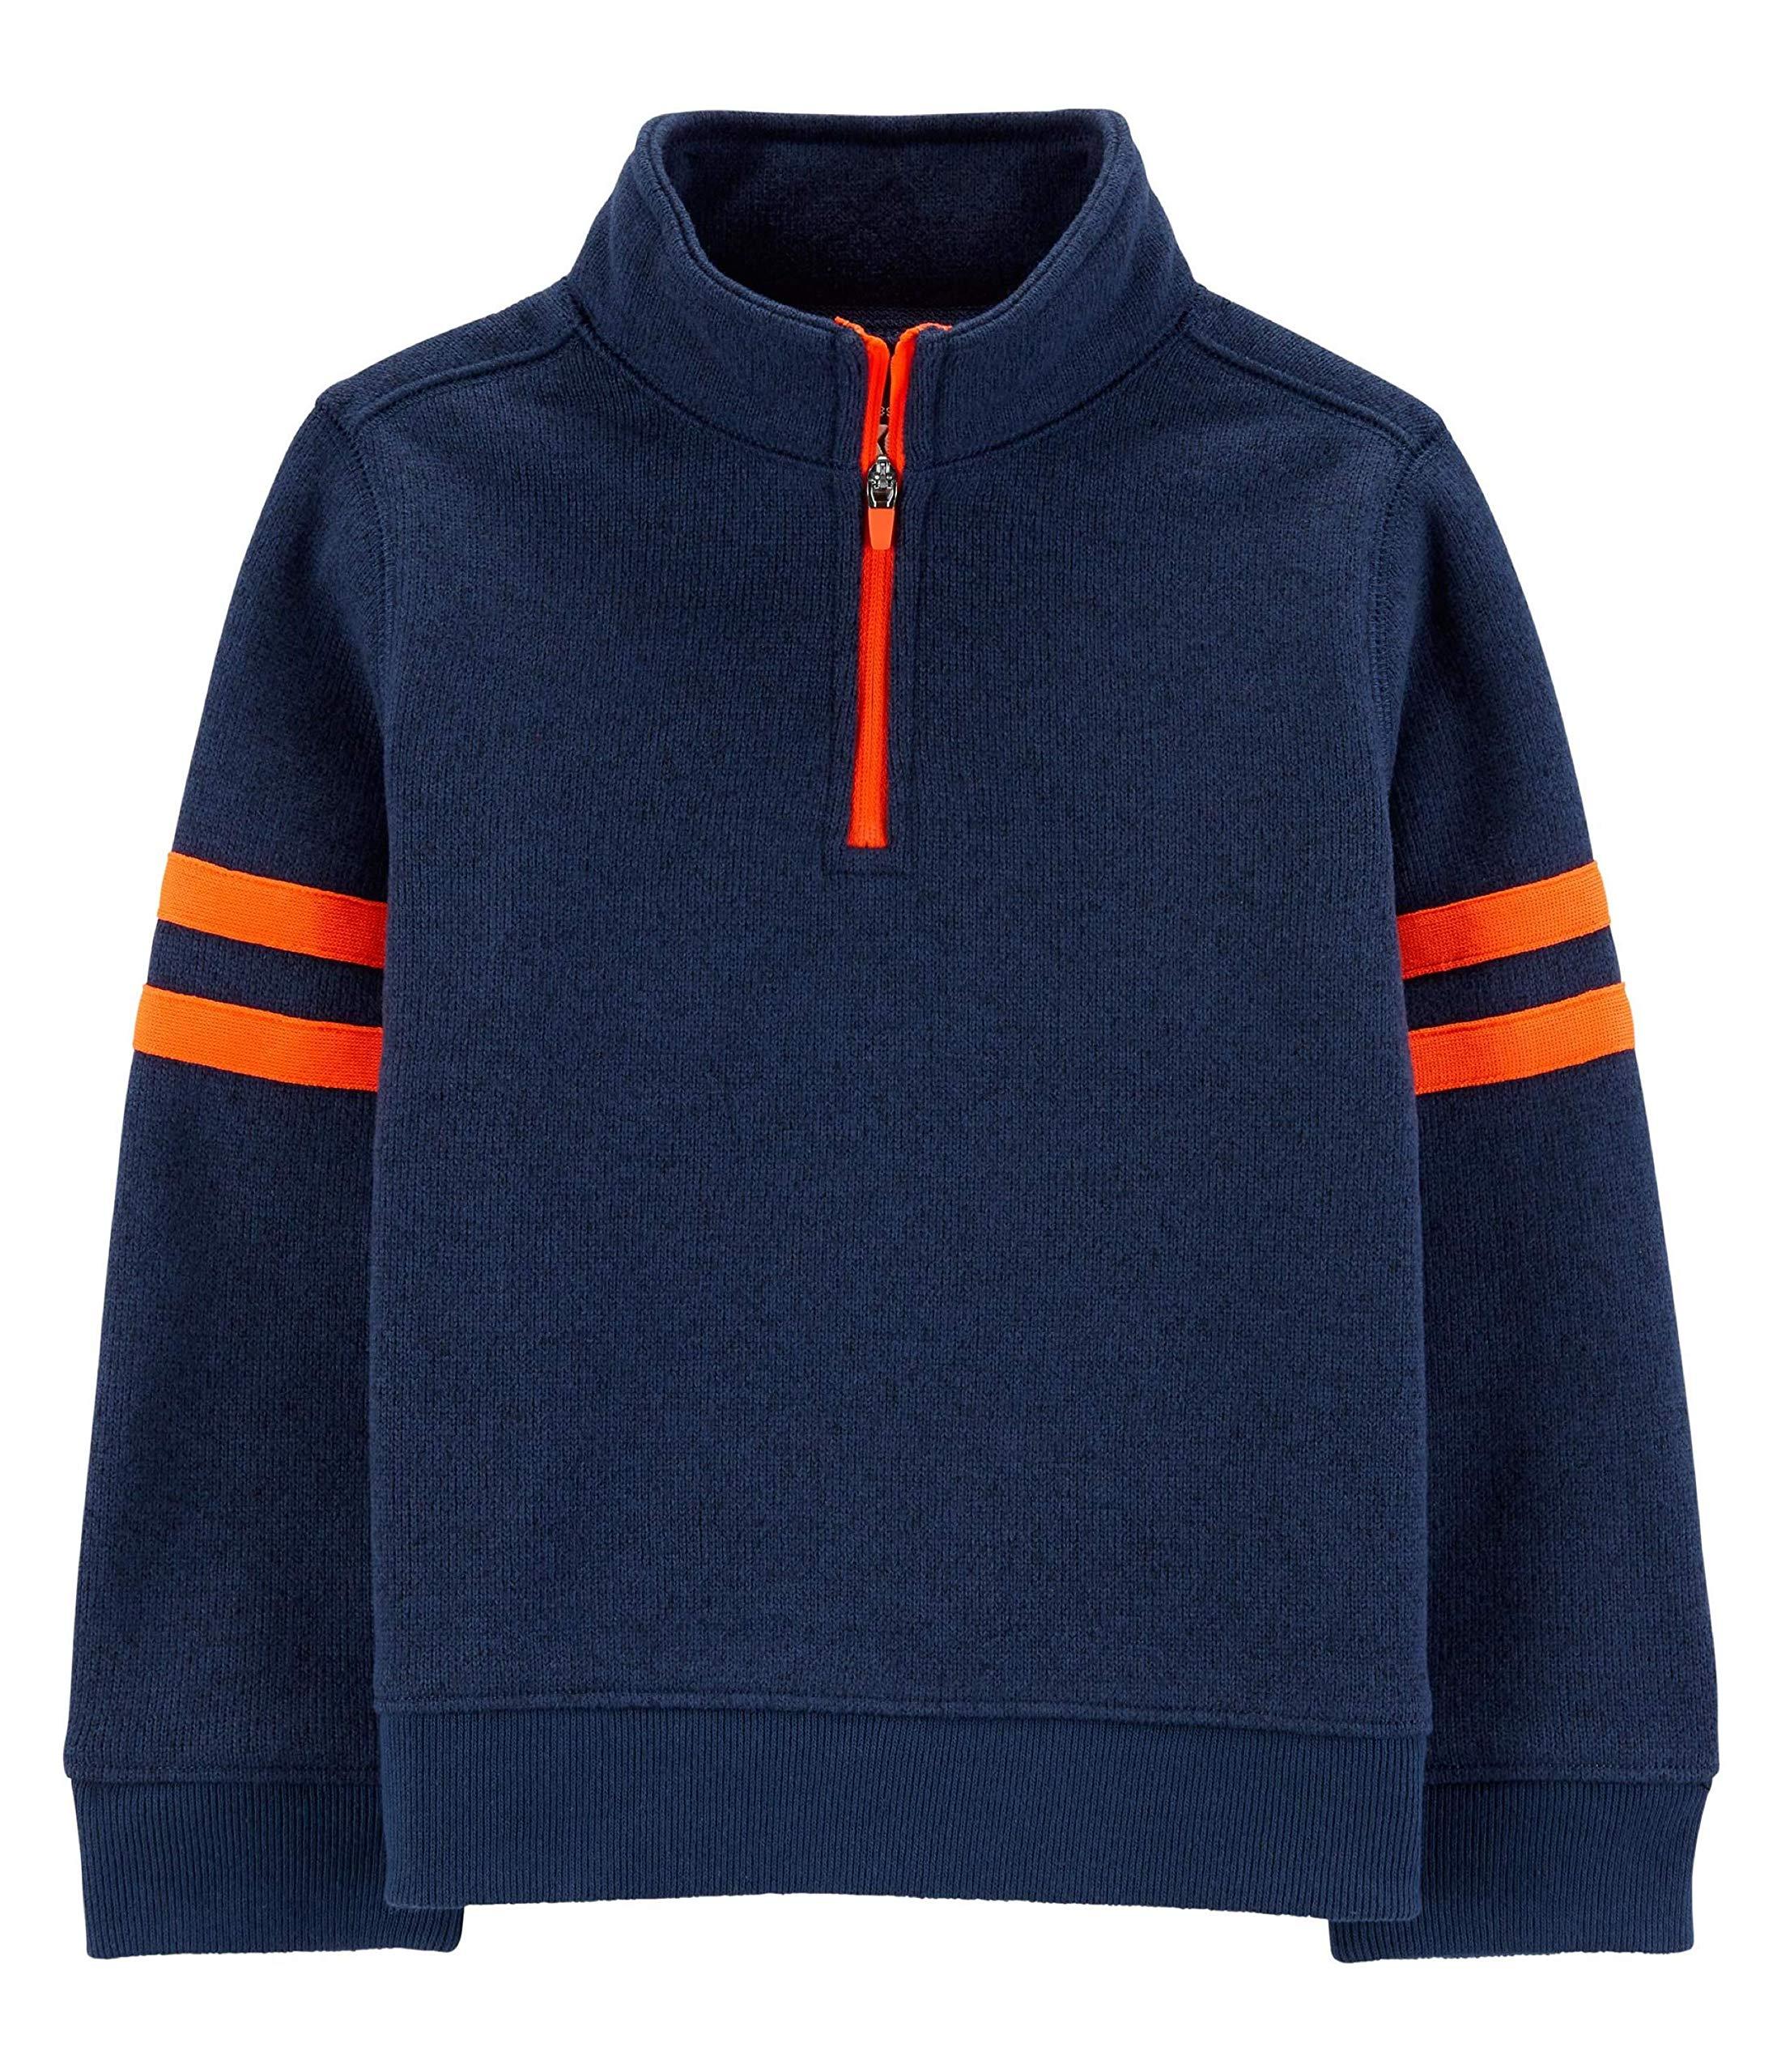 OshKosh B'Gosh Boys Half Zip Sweater (3T)